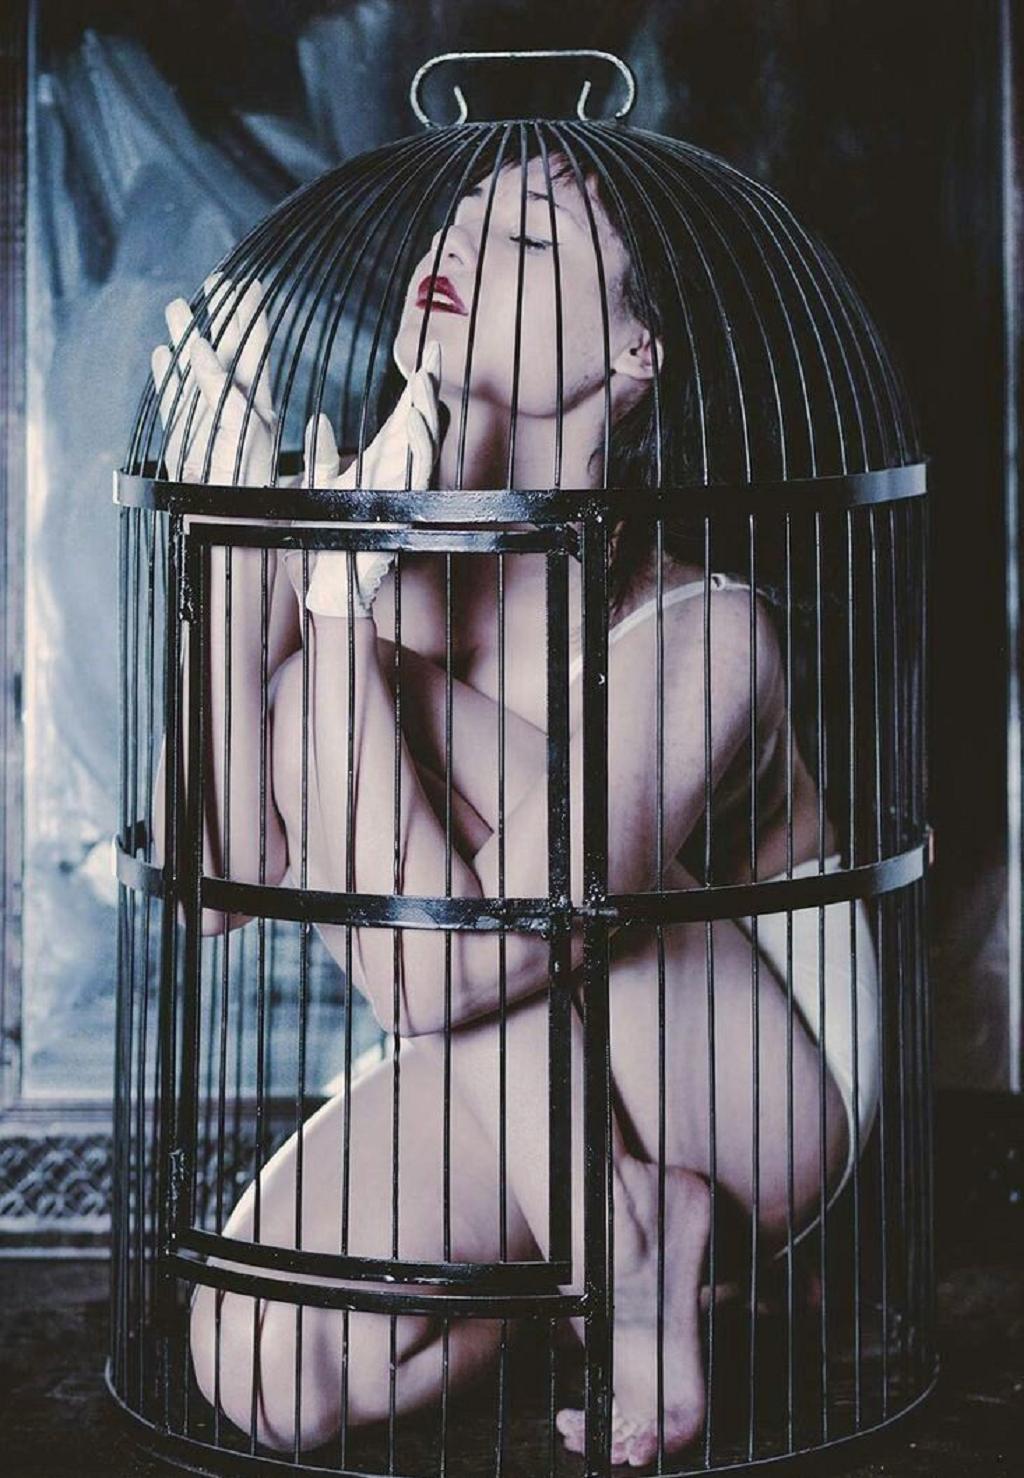 【悲報】鳥かごで飼育されてる女たちをご覧ください(32名)・30枚目